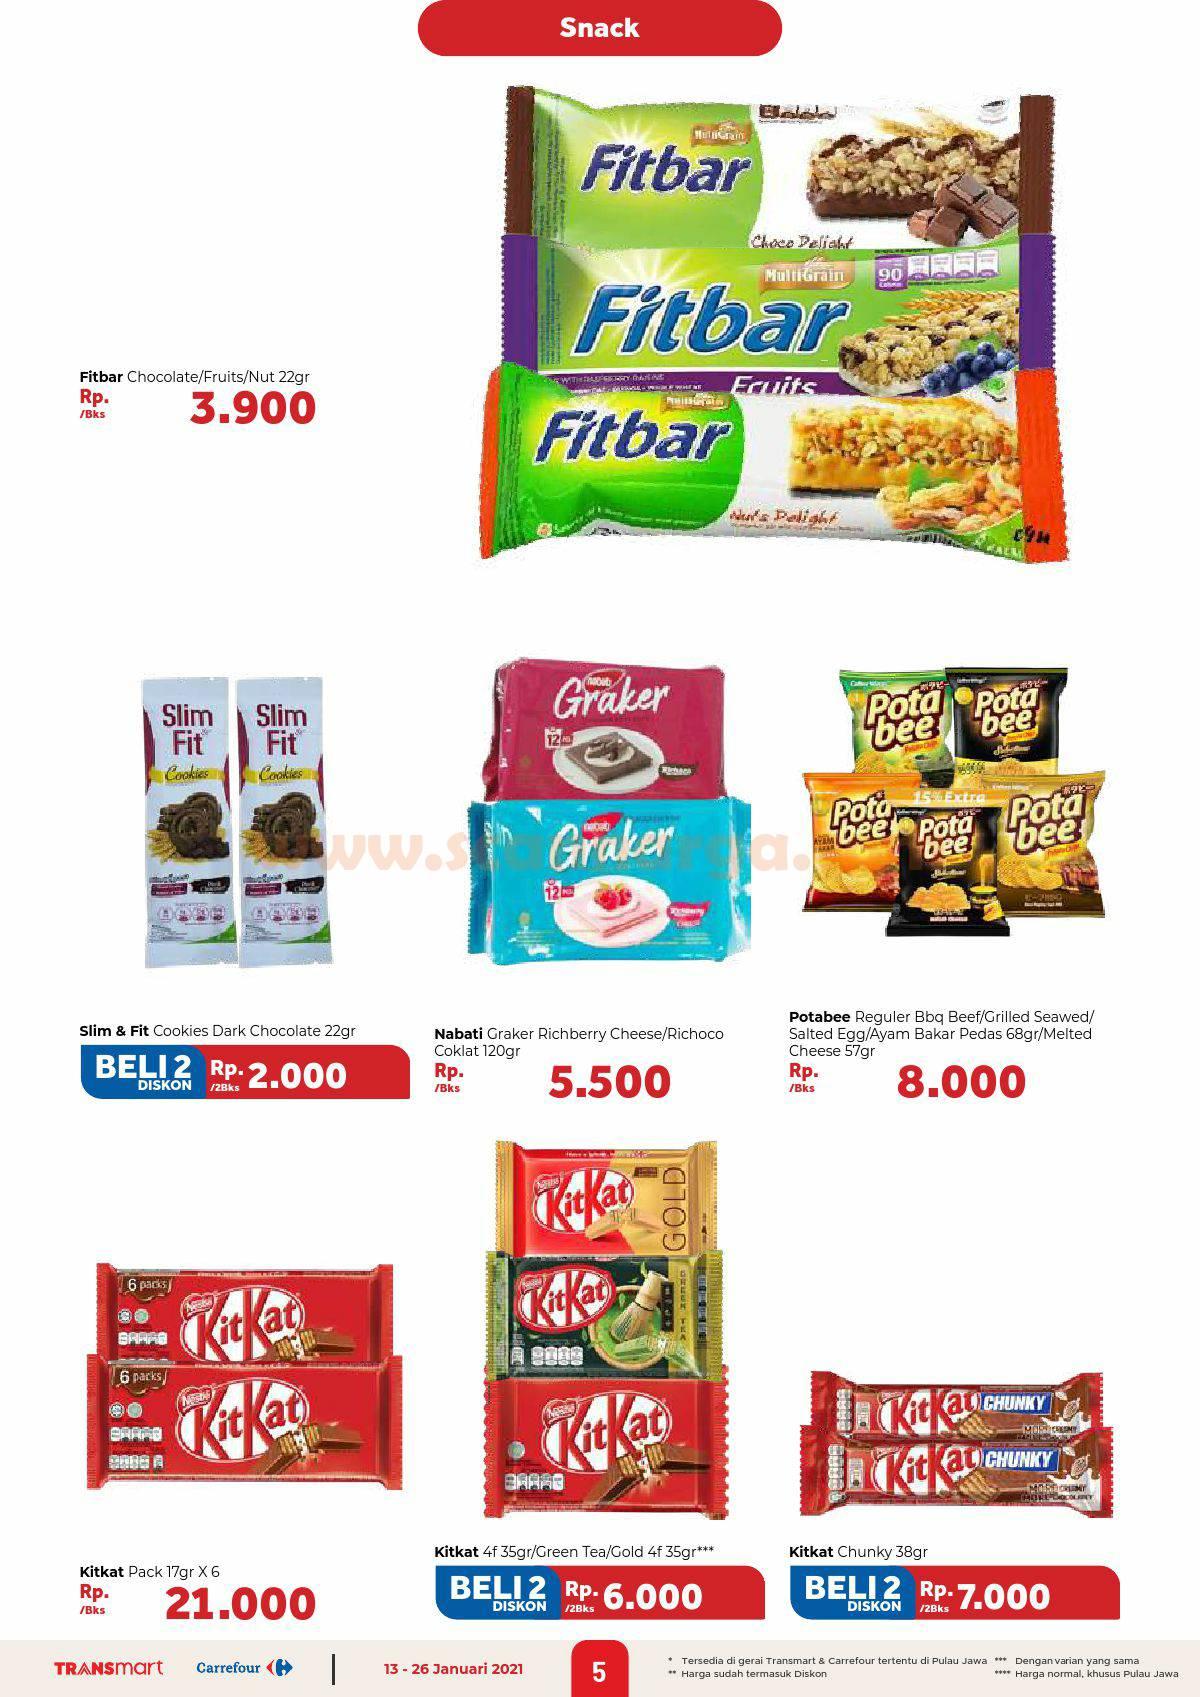 Katalog Promo Carrefour Transmart 13 - 26 Januari 2021 5